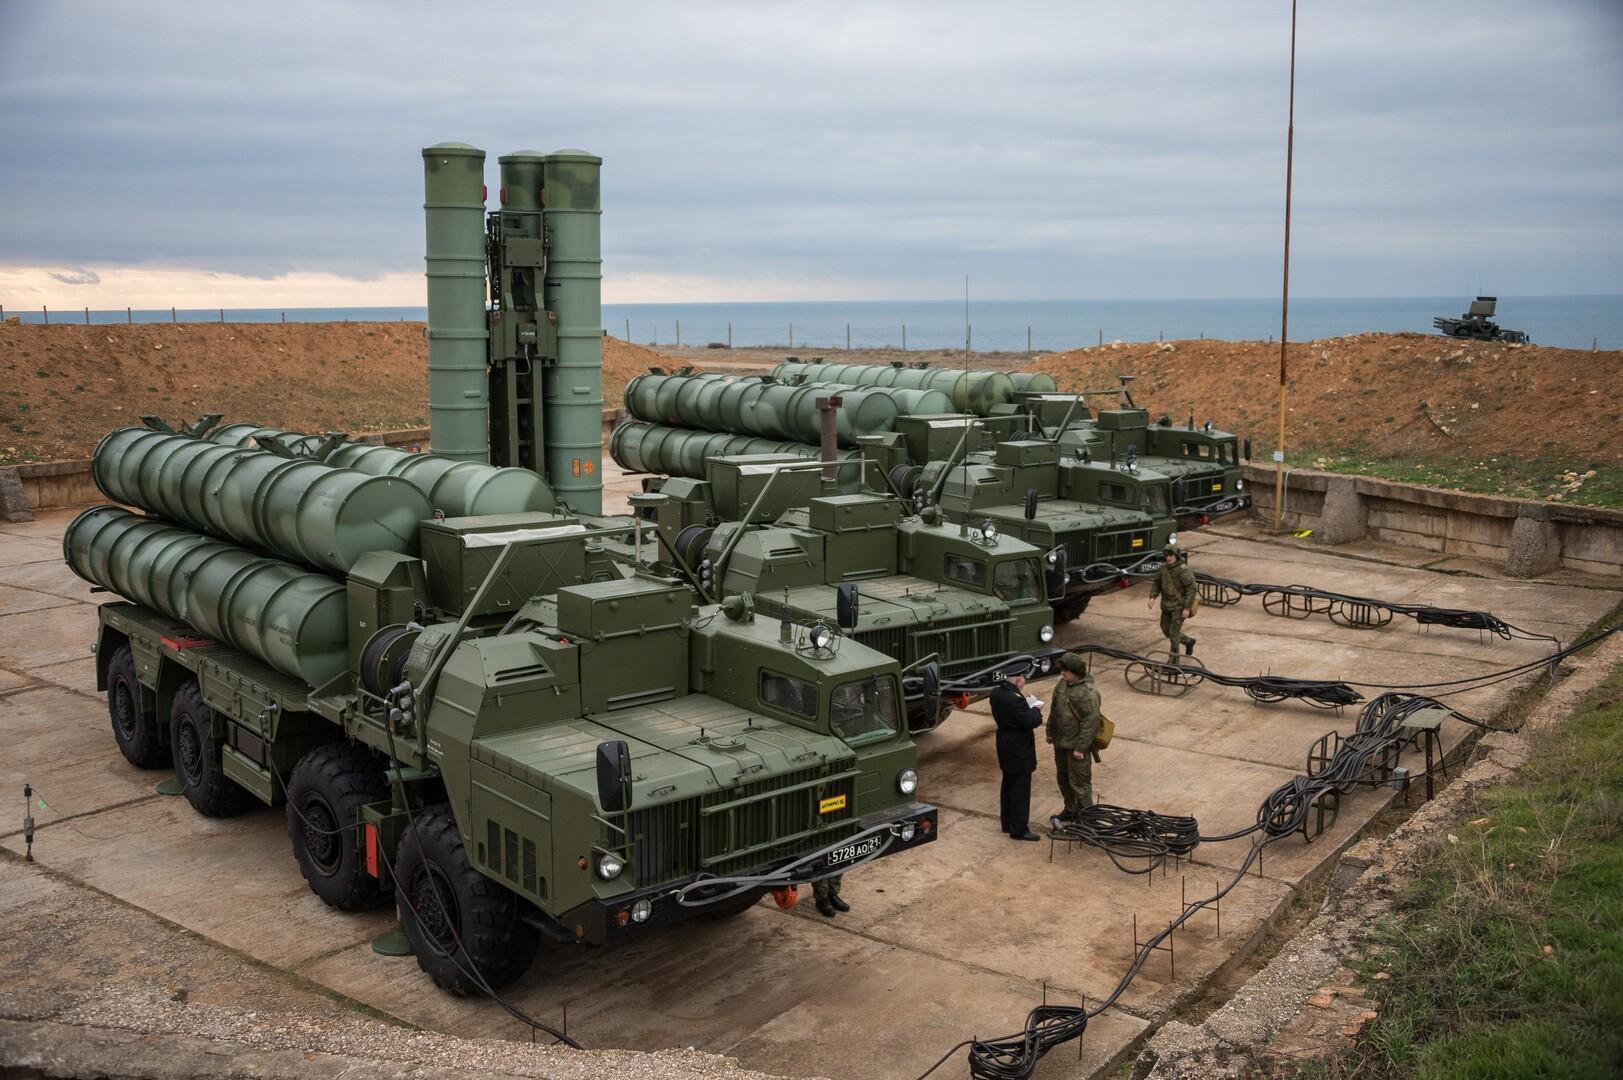 حجوزات الهند من الأسلحة الروسية تبلغ 14.5 مليار دولار